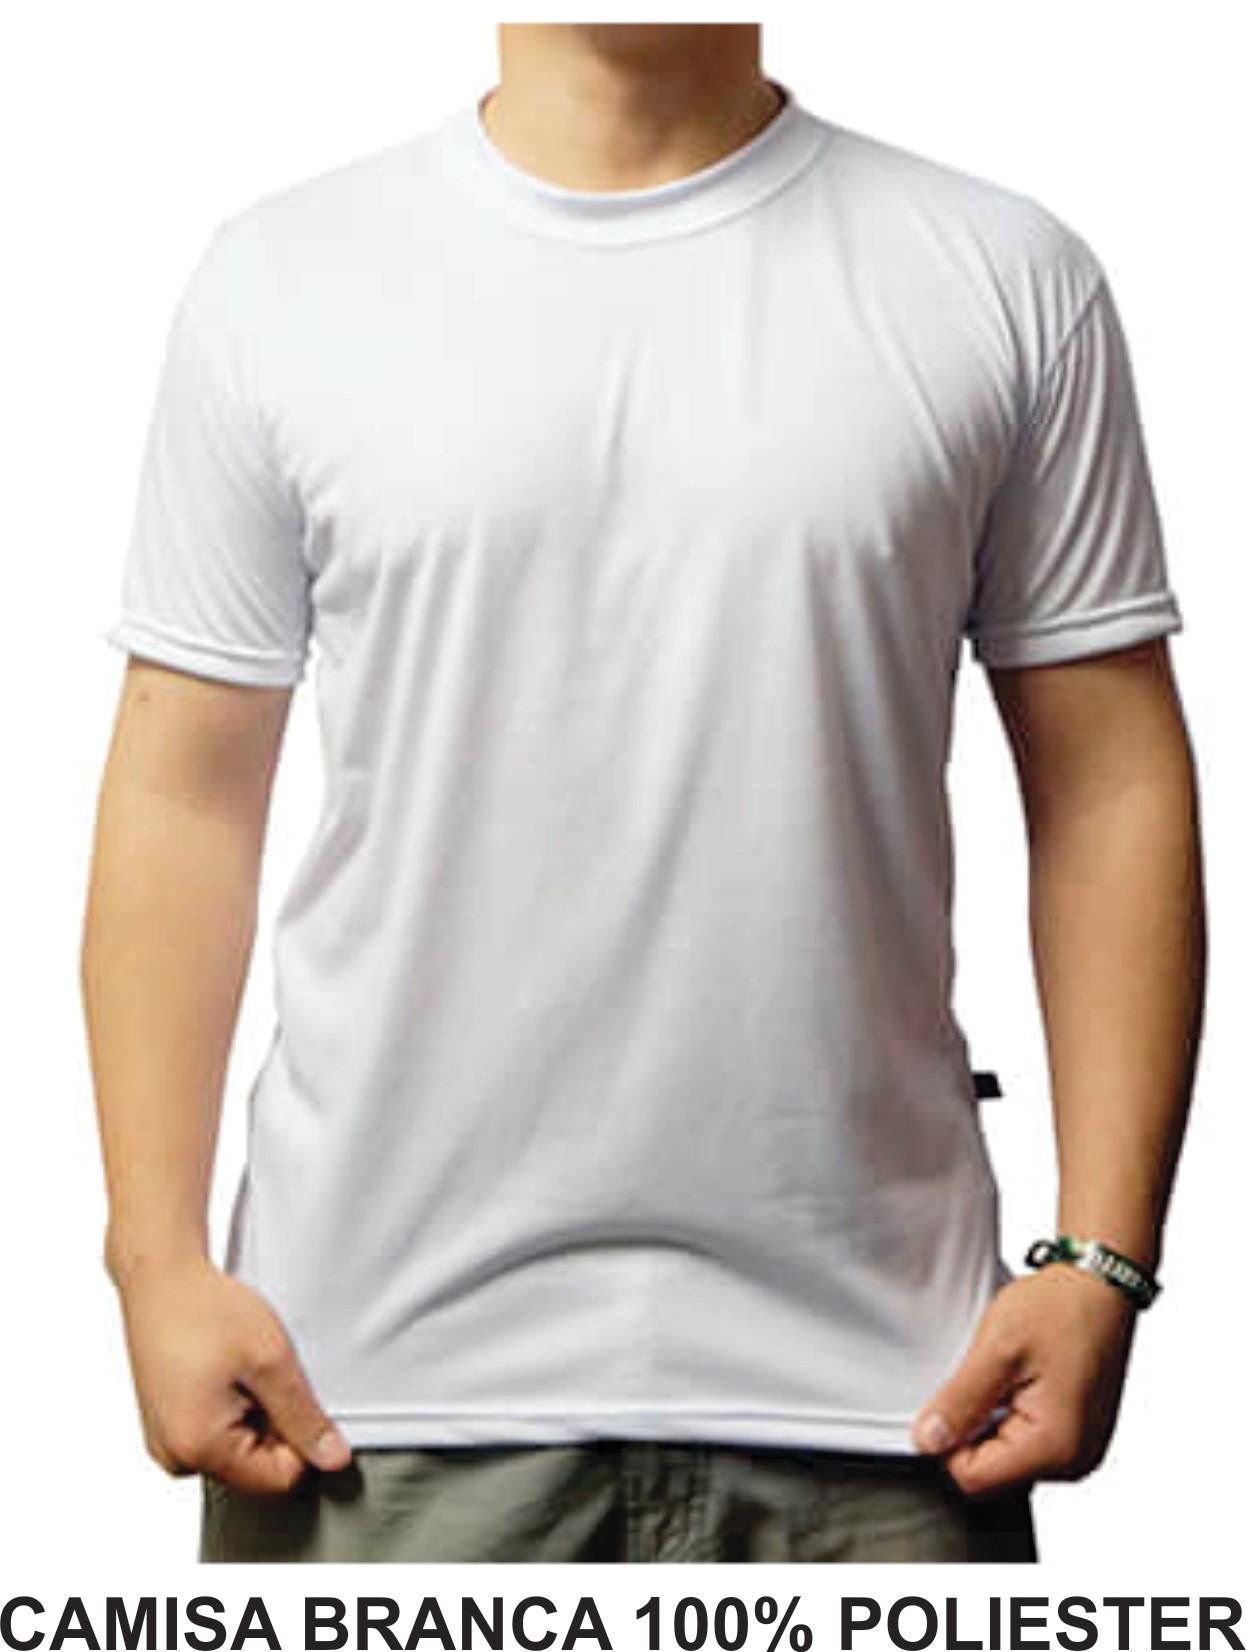 b3412a9c14140 10 Camisetas Administracao Atacado